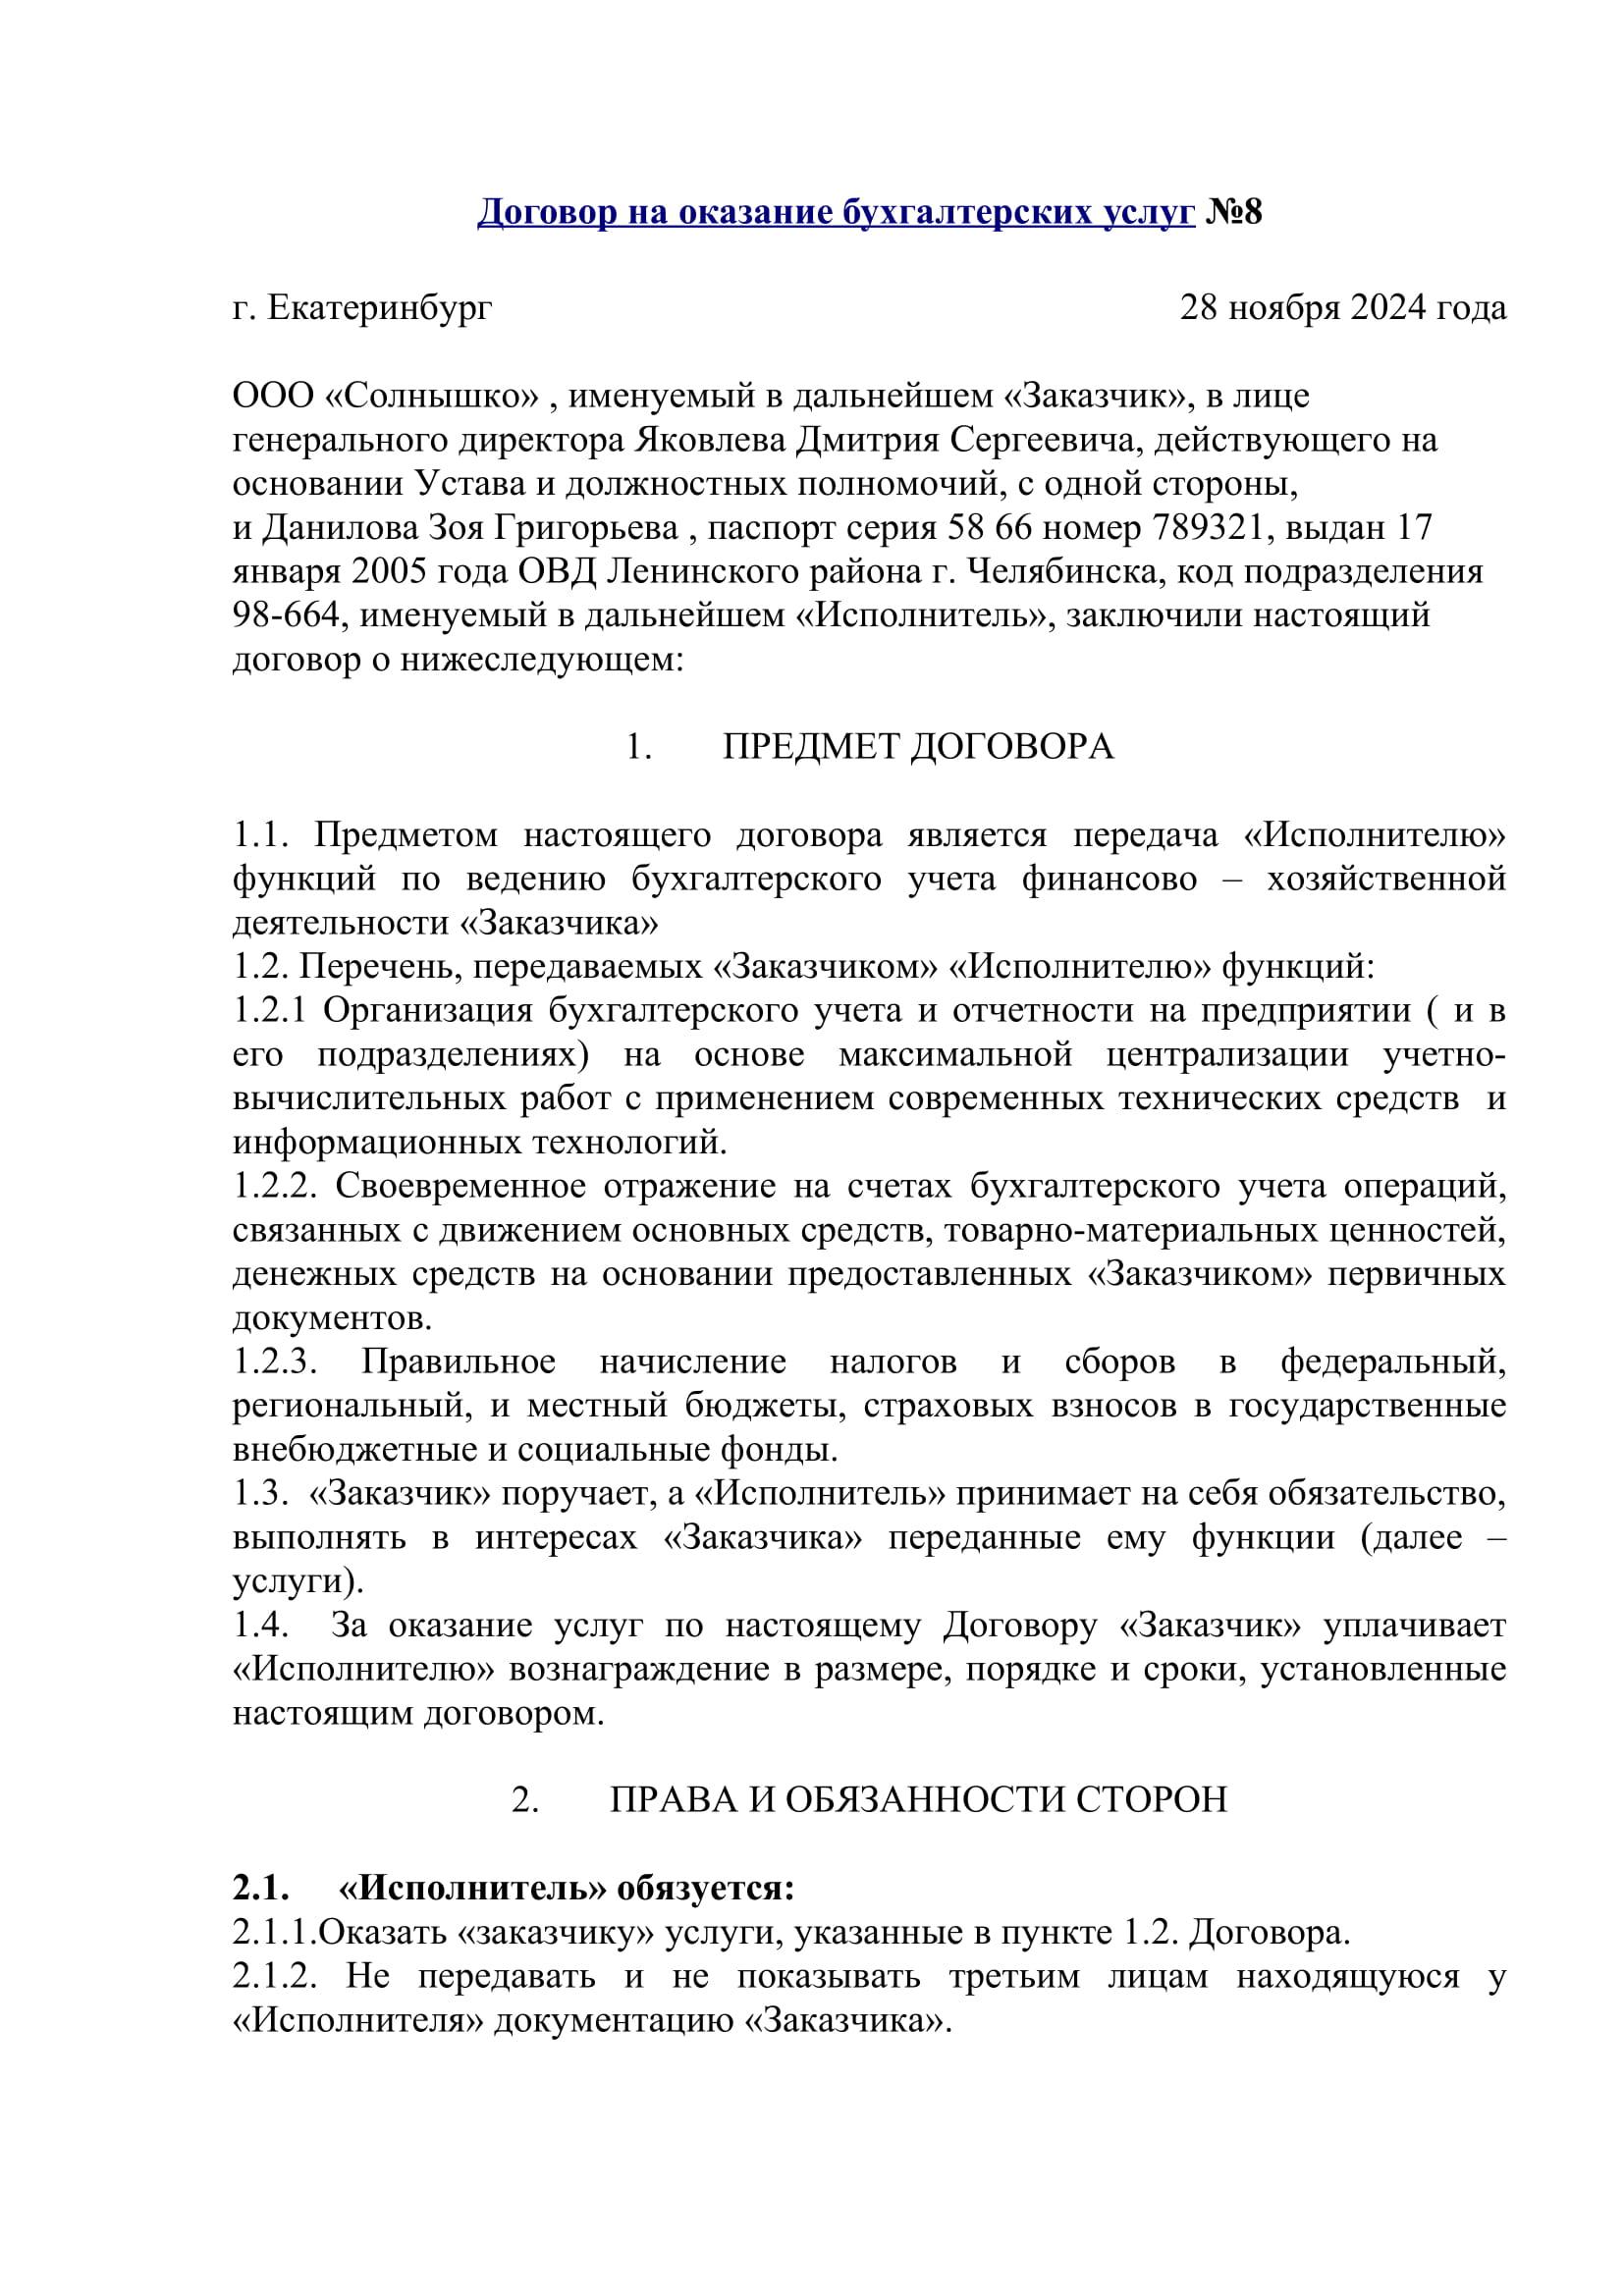 Проект договора на оказания бухгалтерских услуг проект договора на бухгалтерское обслуживание